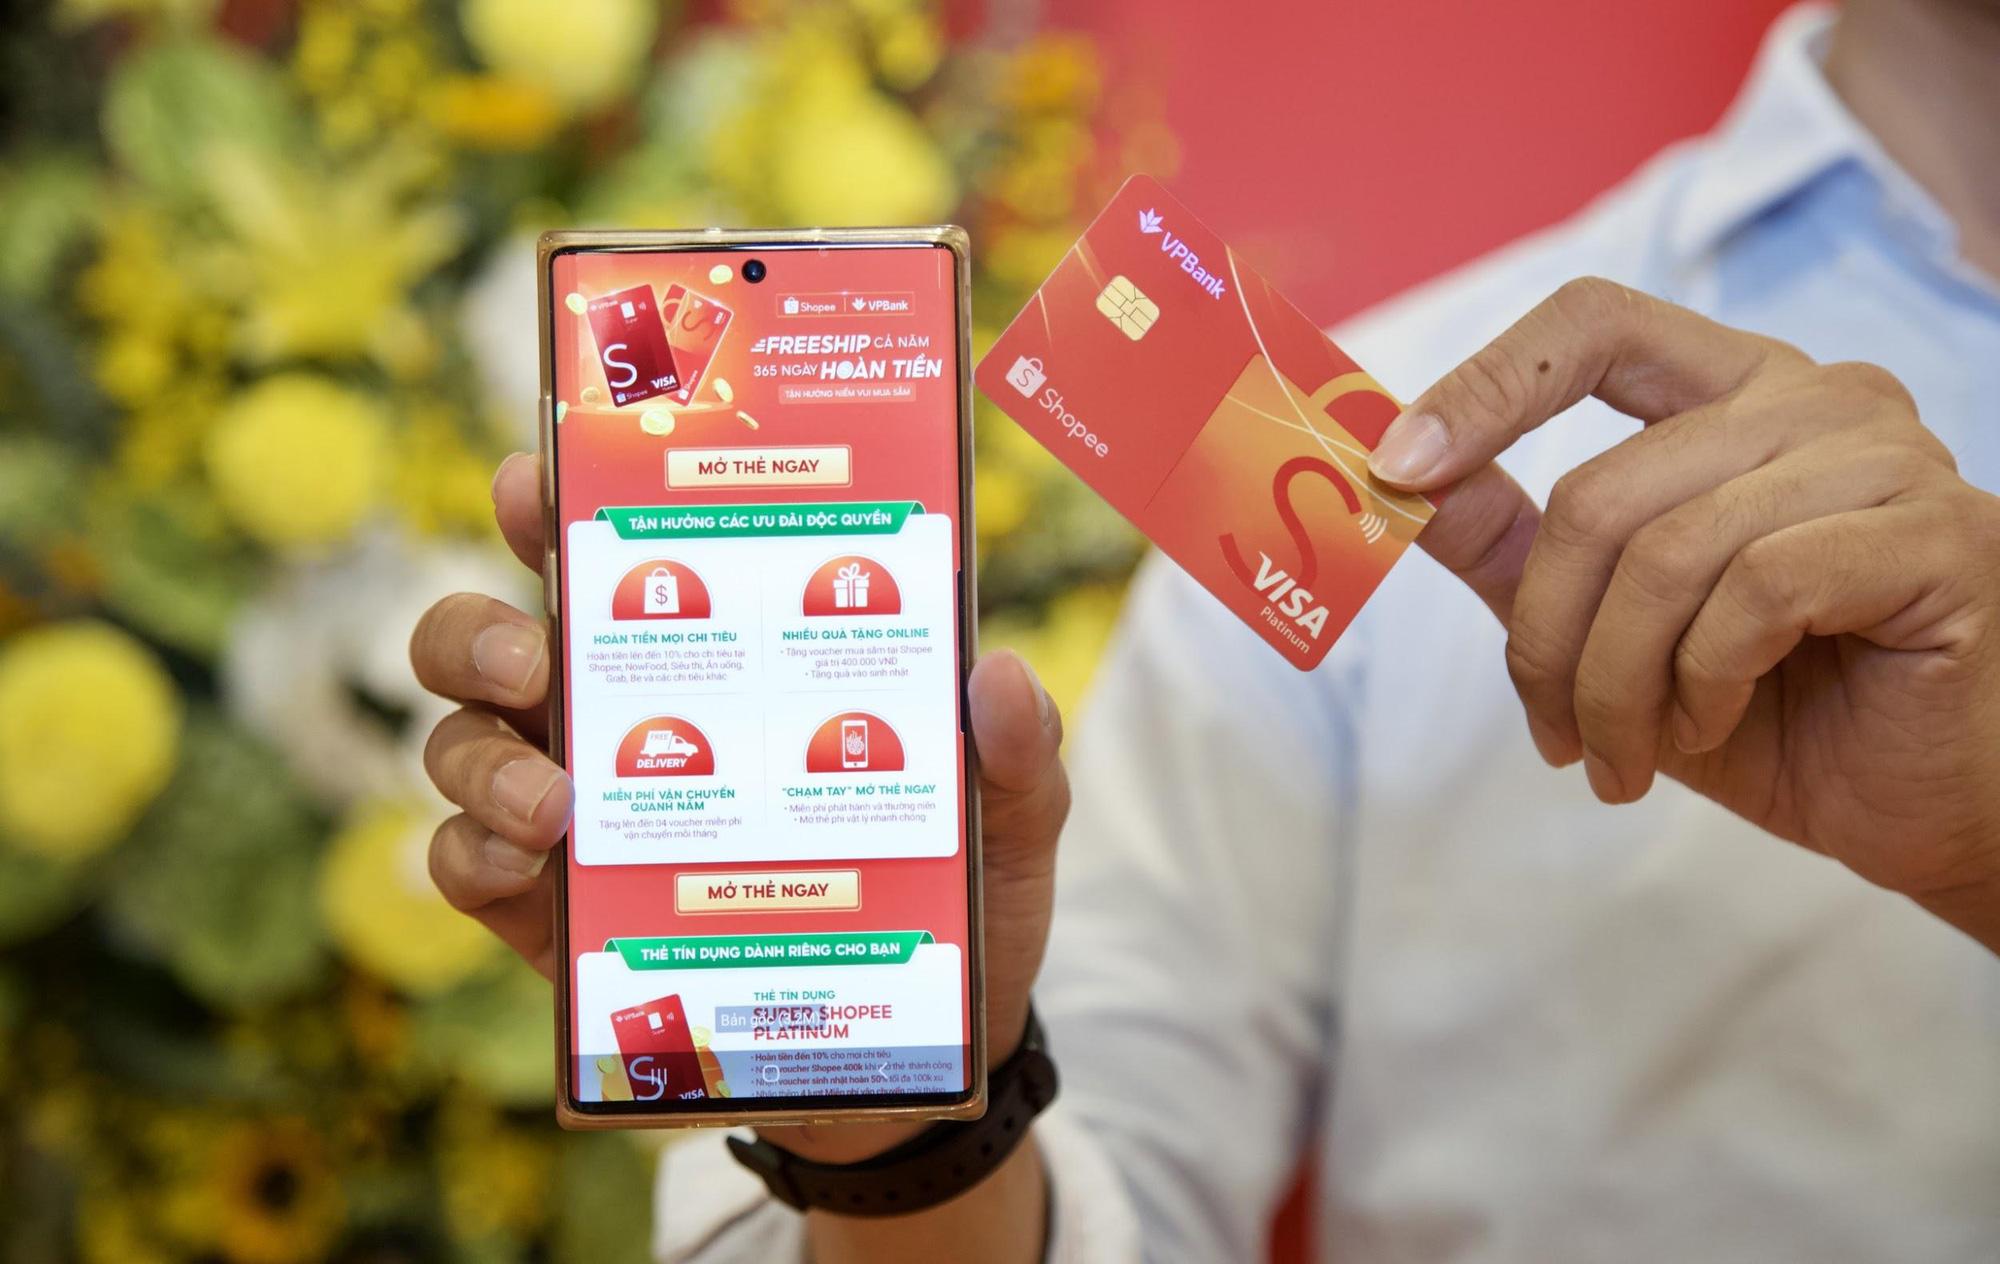 Trên tay thẻ tín dụng VPBank - Shopee: Ưu đãi freeship và hoàn tiền đến 10% - Ảnh 2.